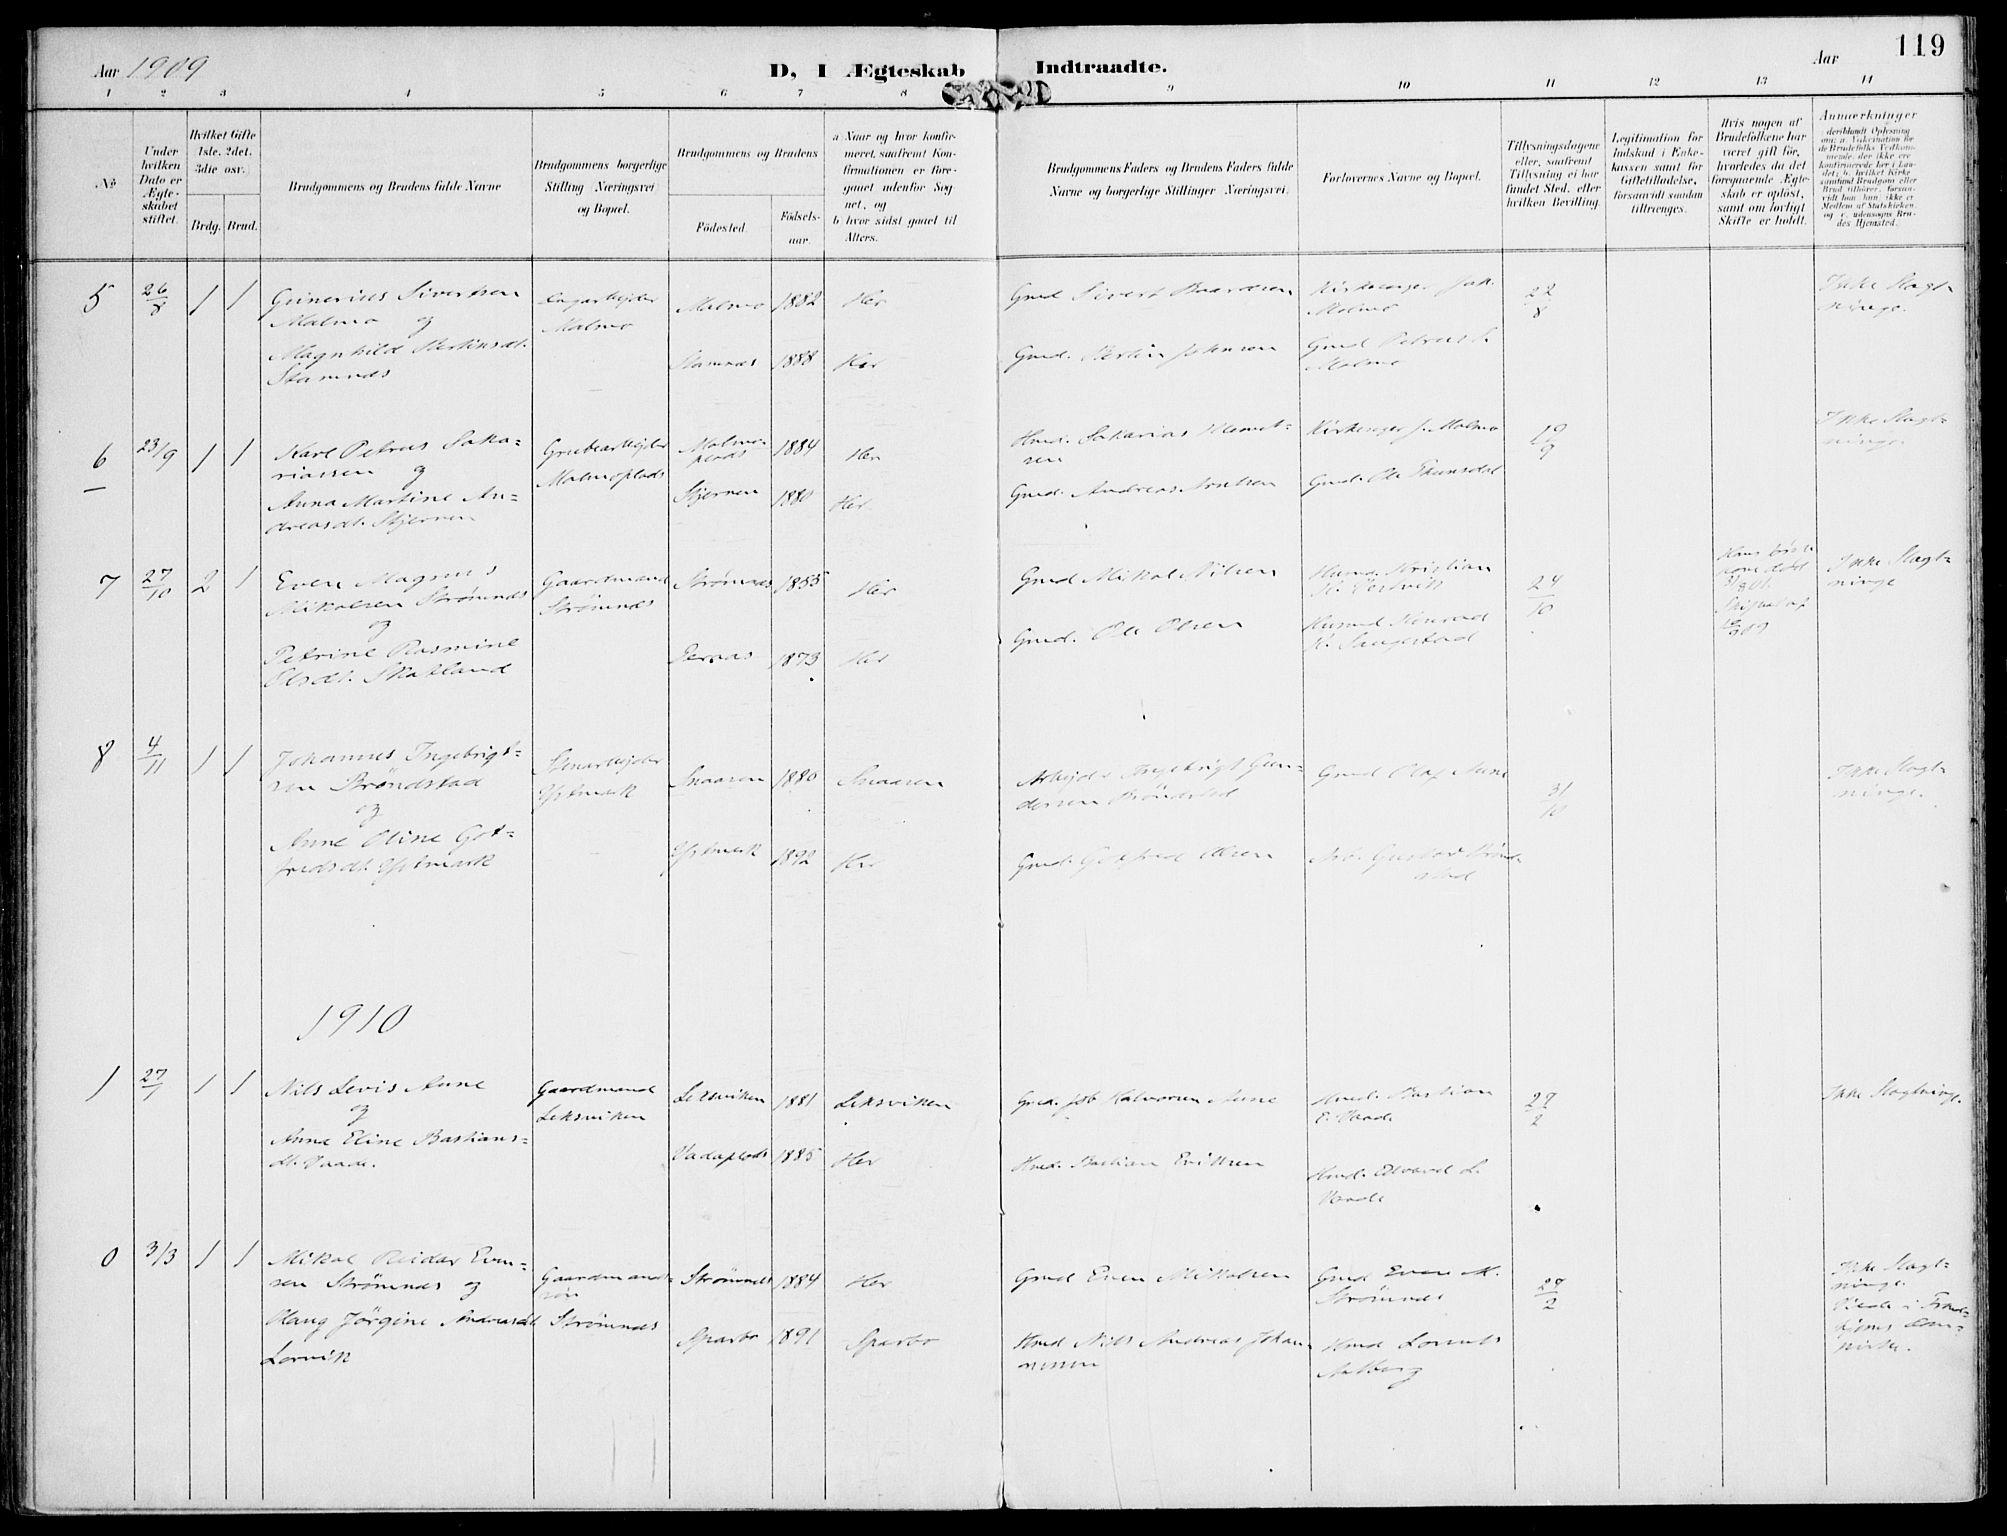 SAT, Ministerialprotokoller, klokkerbøker og fødselsregistre - Nord-Trøndelag, 745/L0430: Ministerialbok nr. 745A02, 1895-1913, s. 119